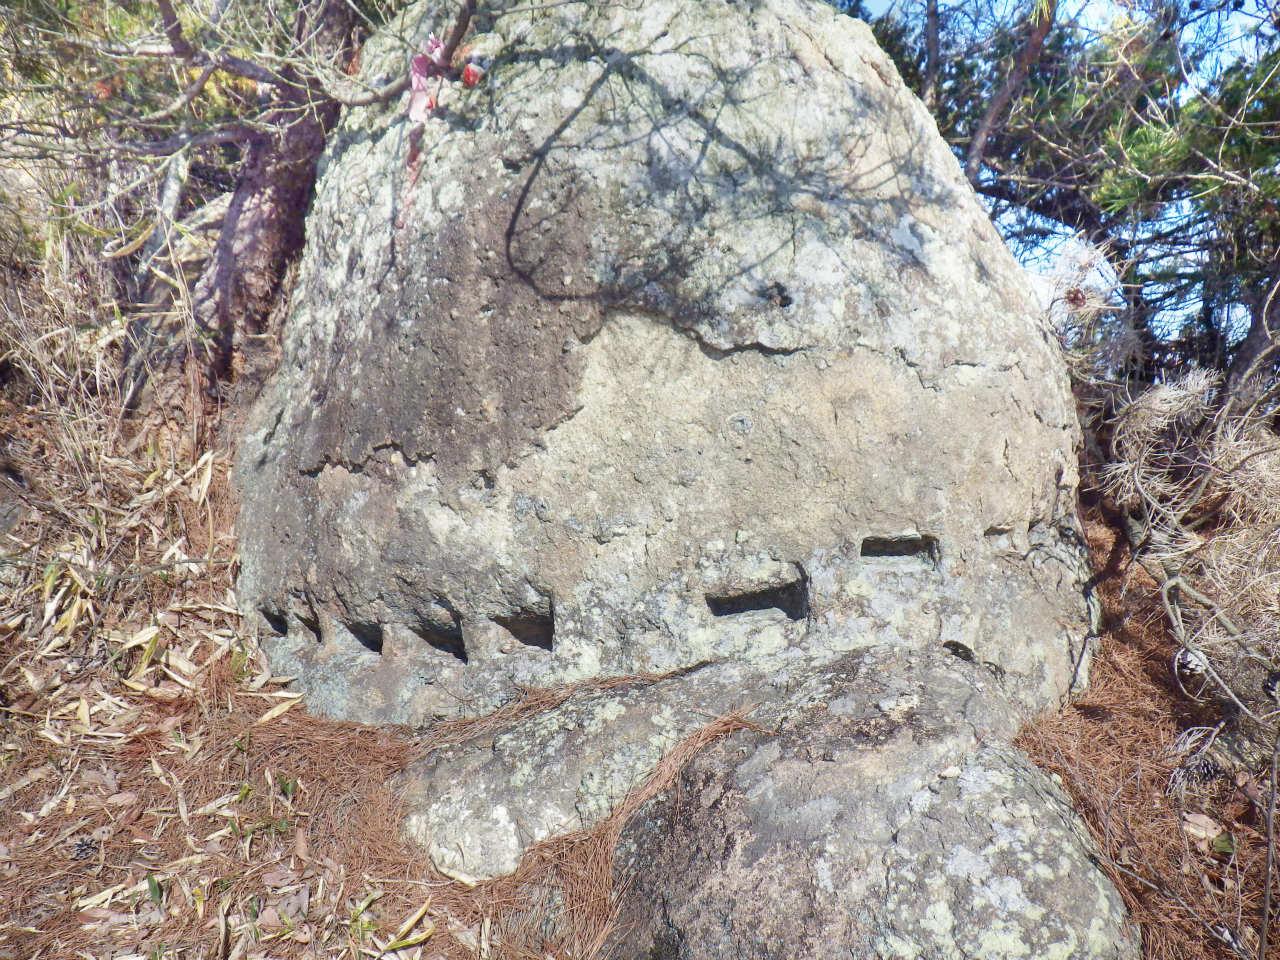 07a 採石途中で放置された岩